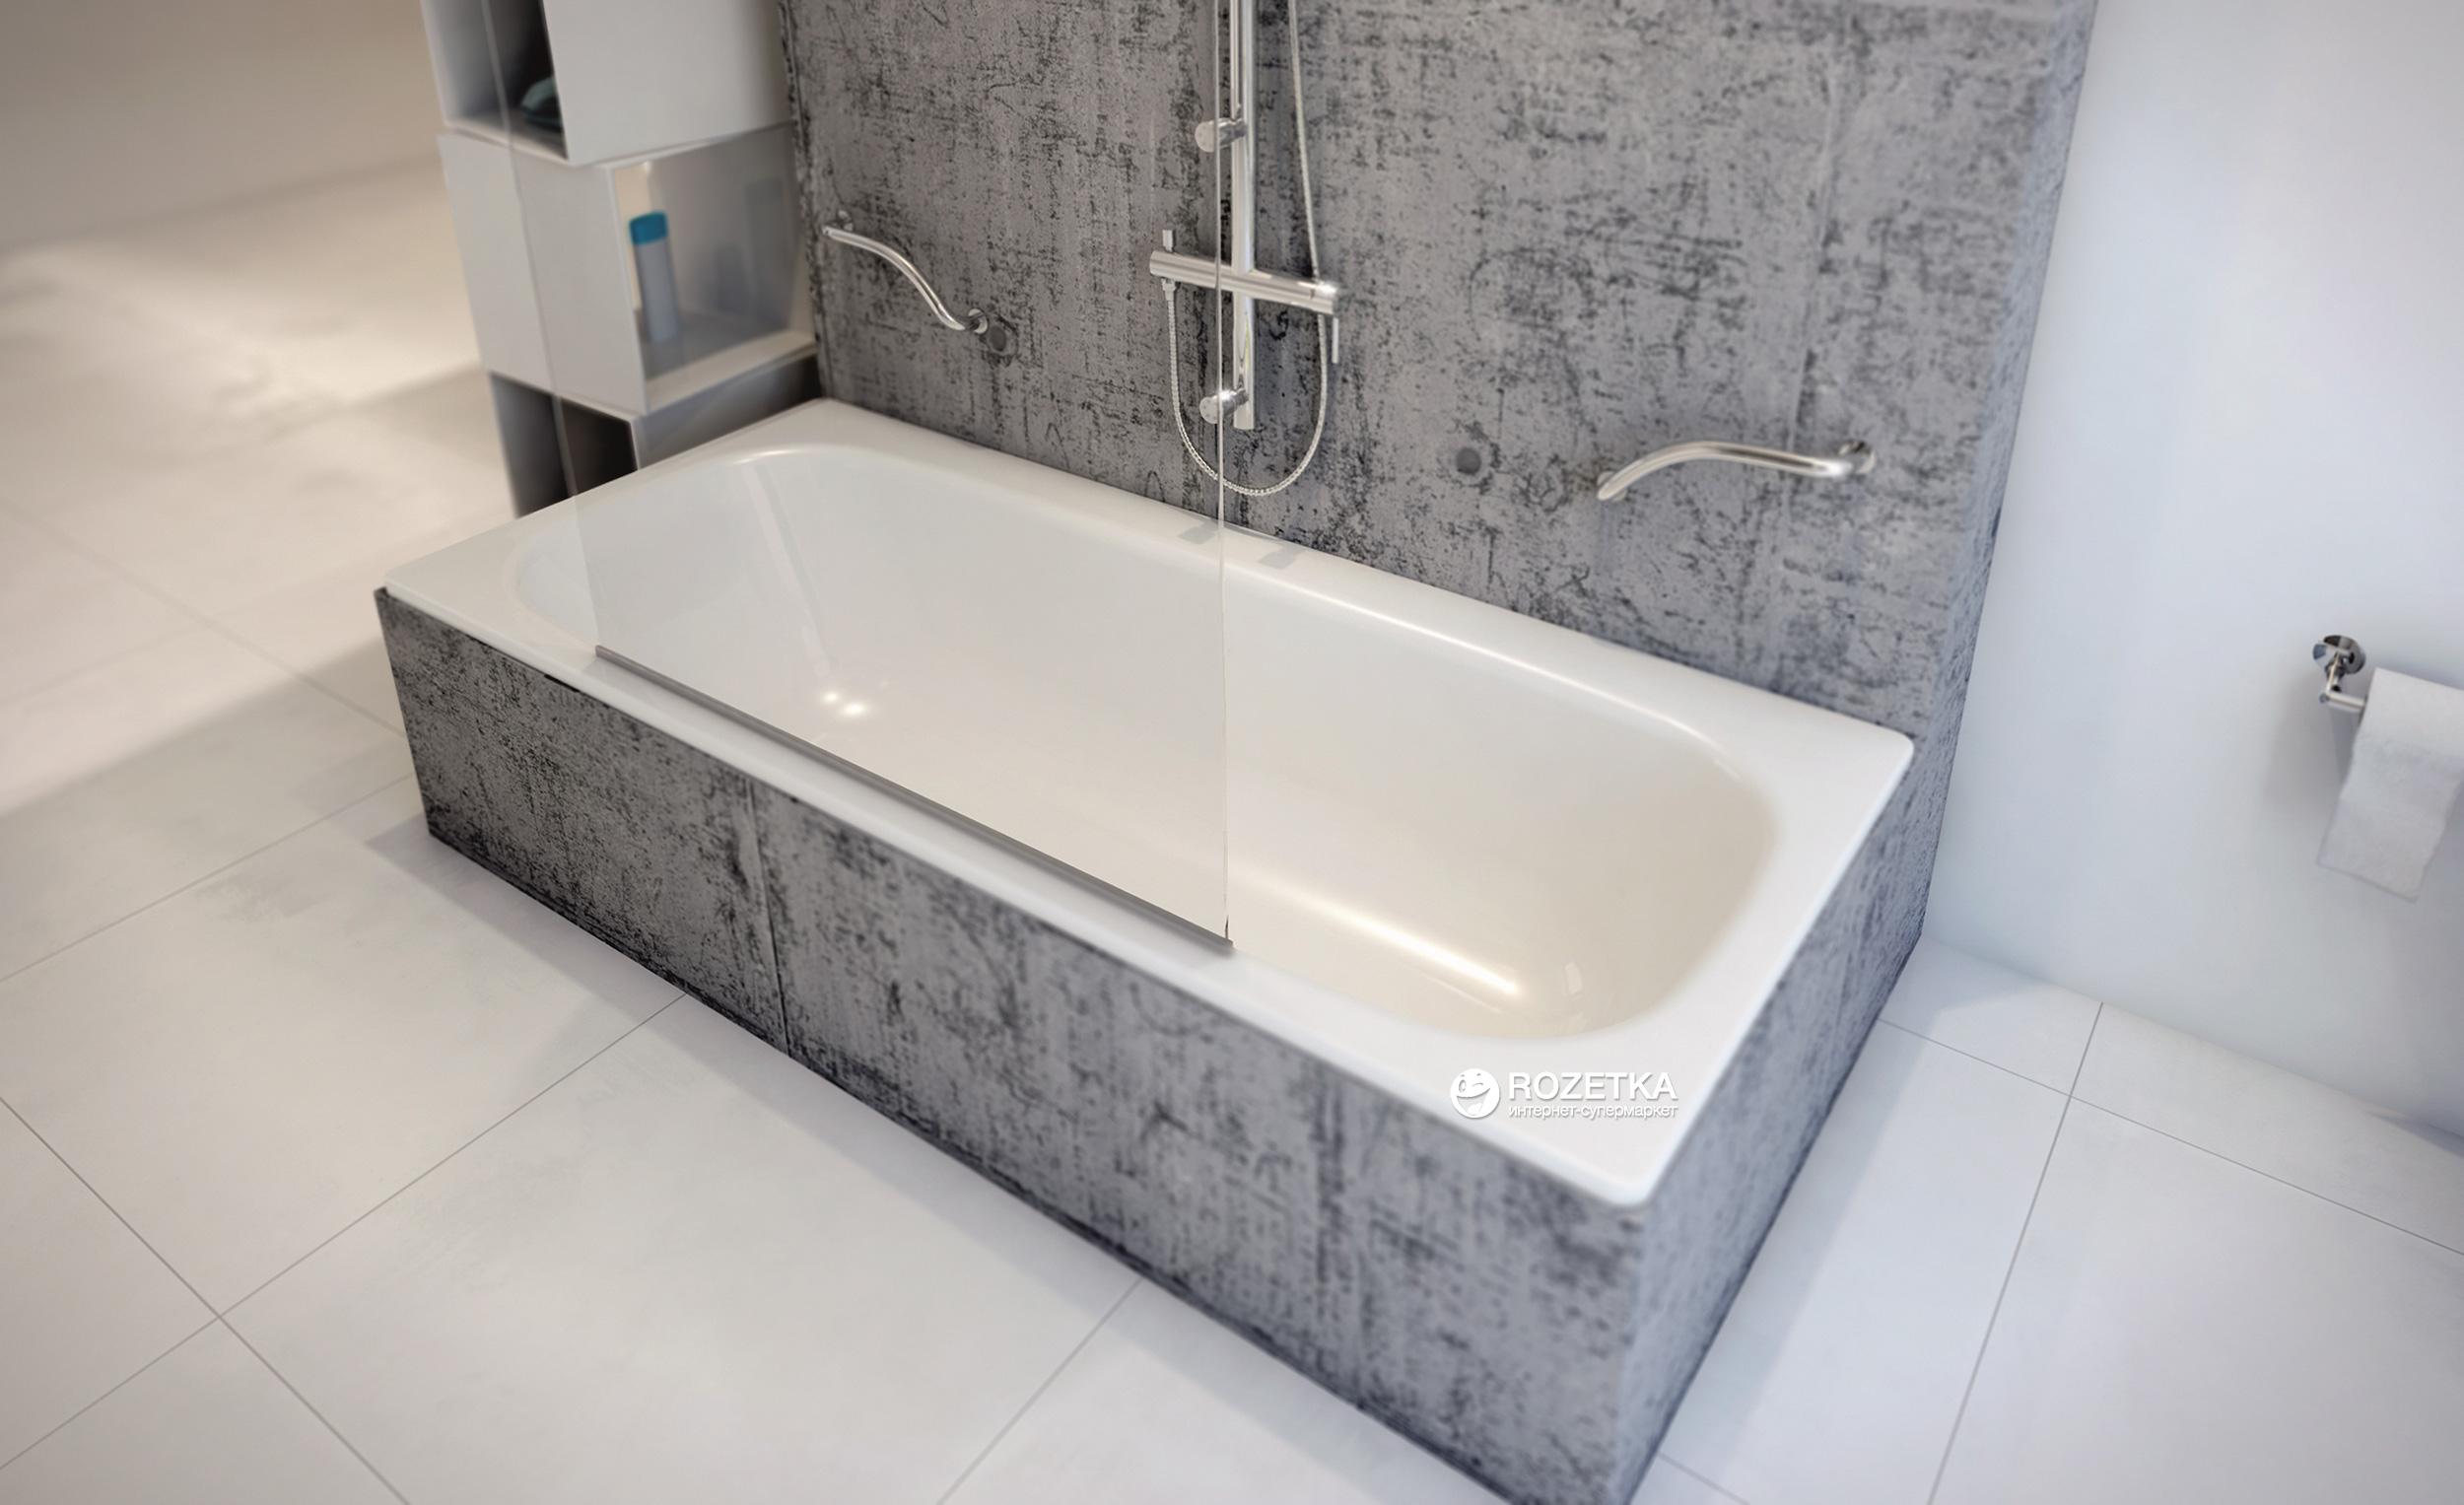 Самая главная деталь ванной комнаты